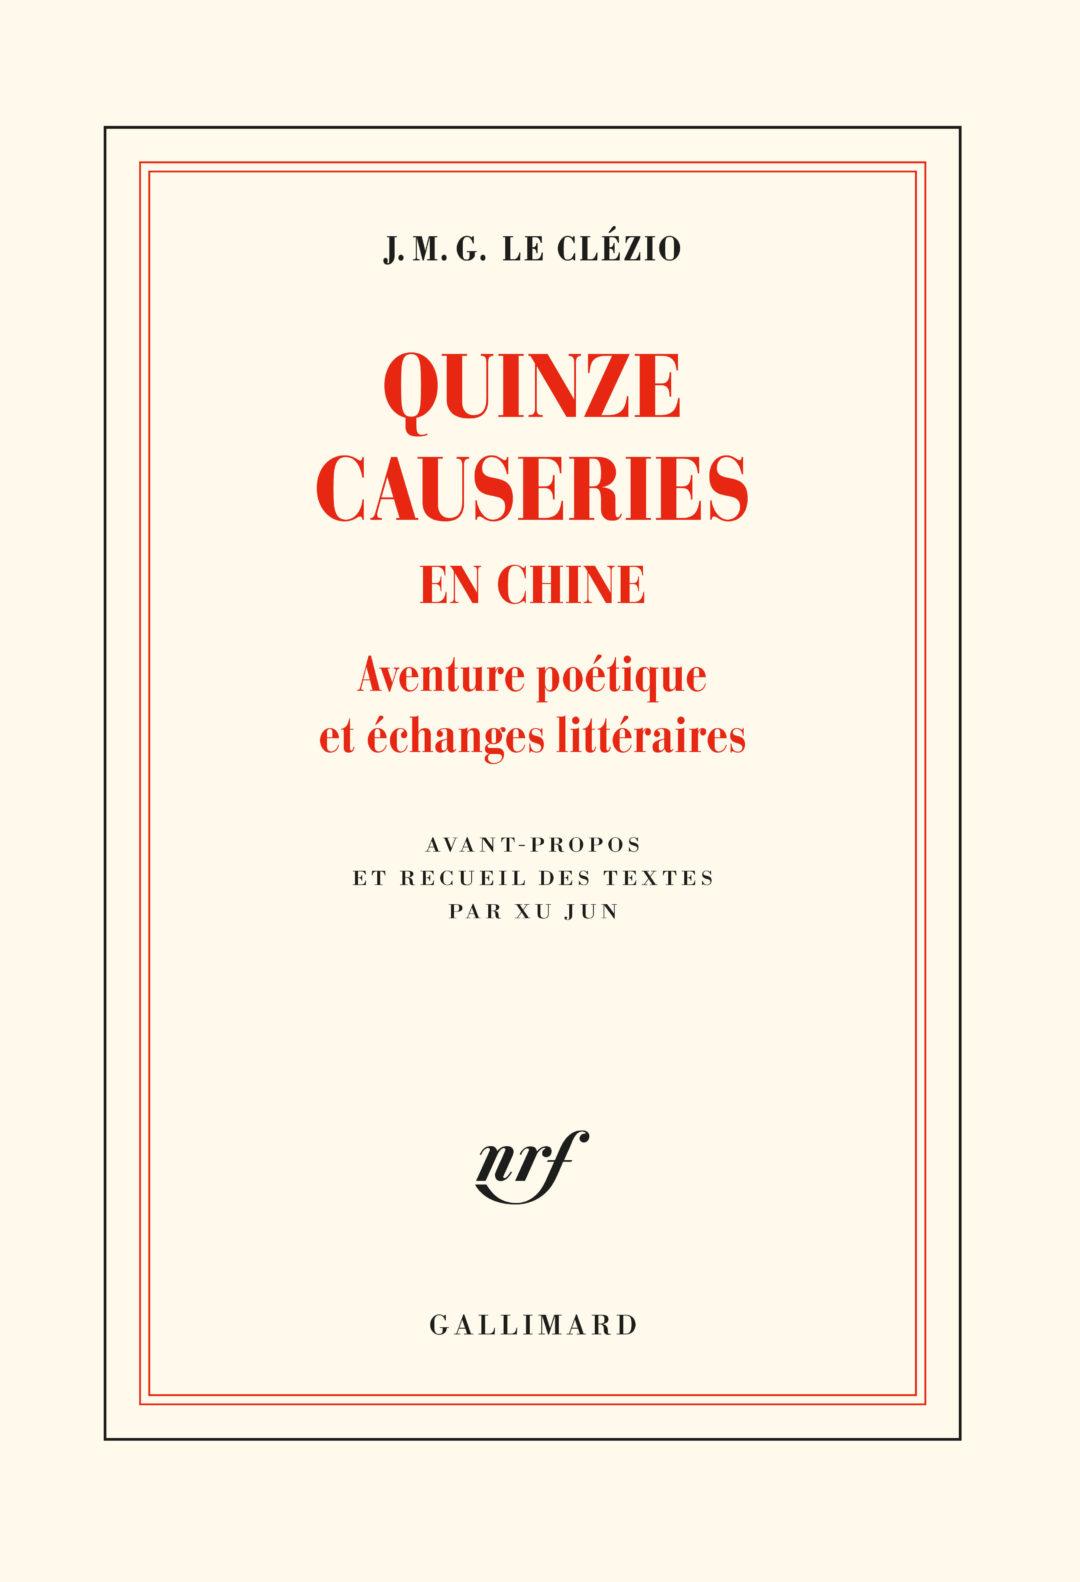 Quinze causeries en Chine, de Jean-Marie Gustave Le Clézio